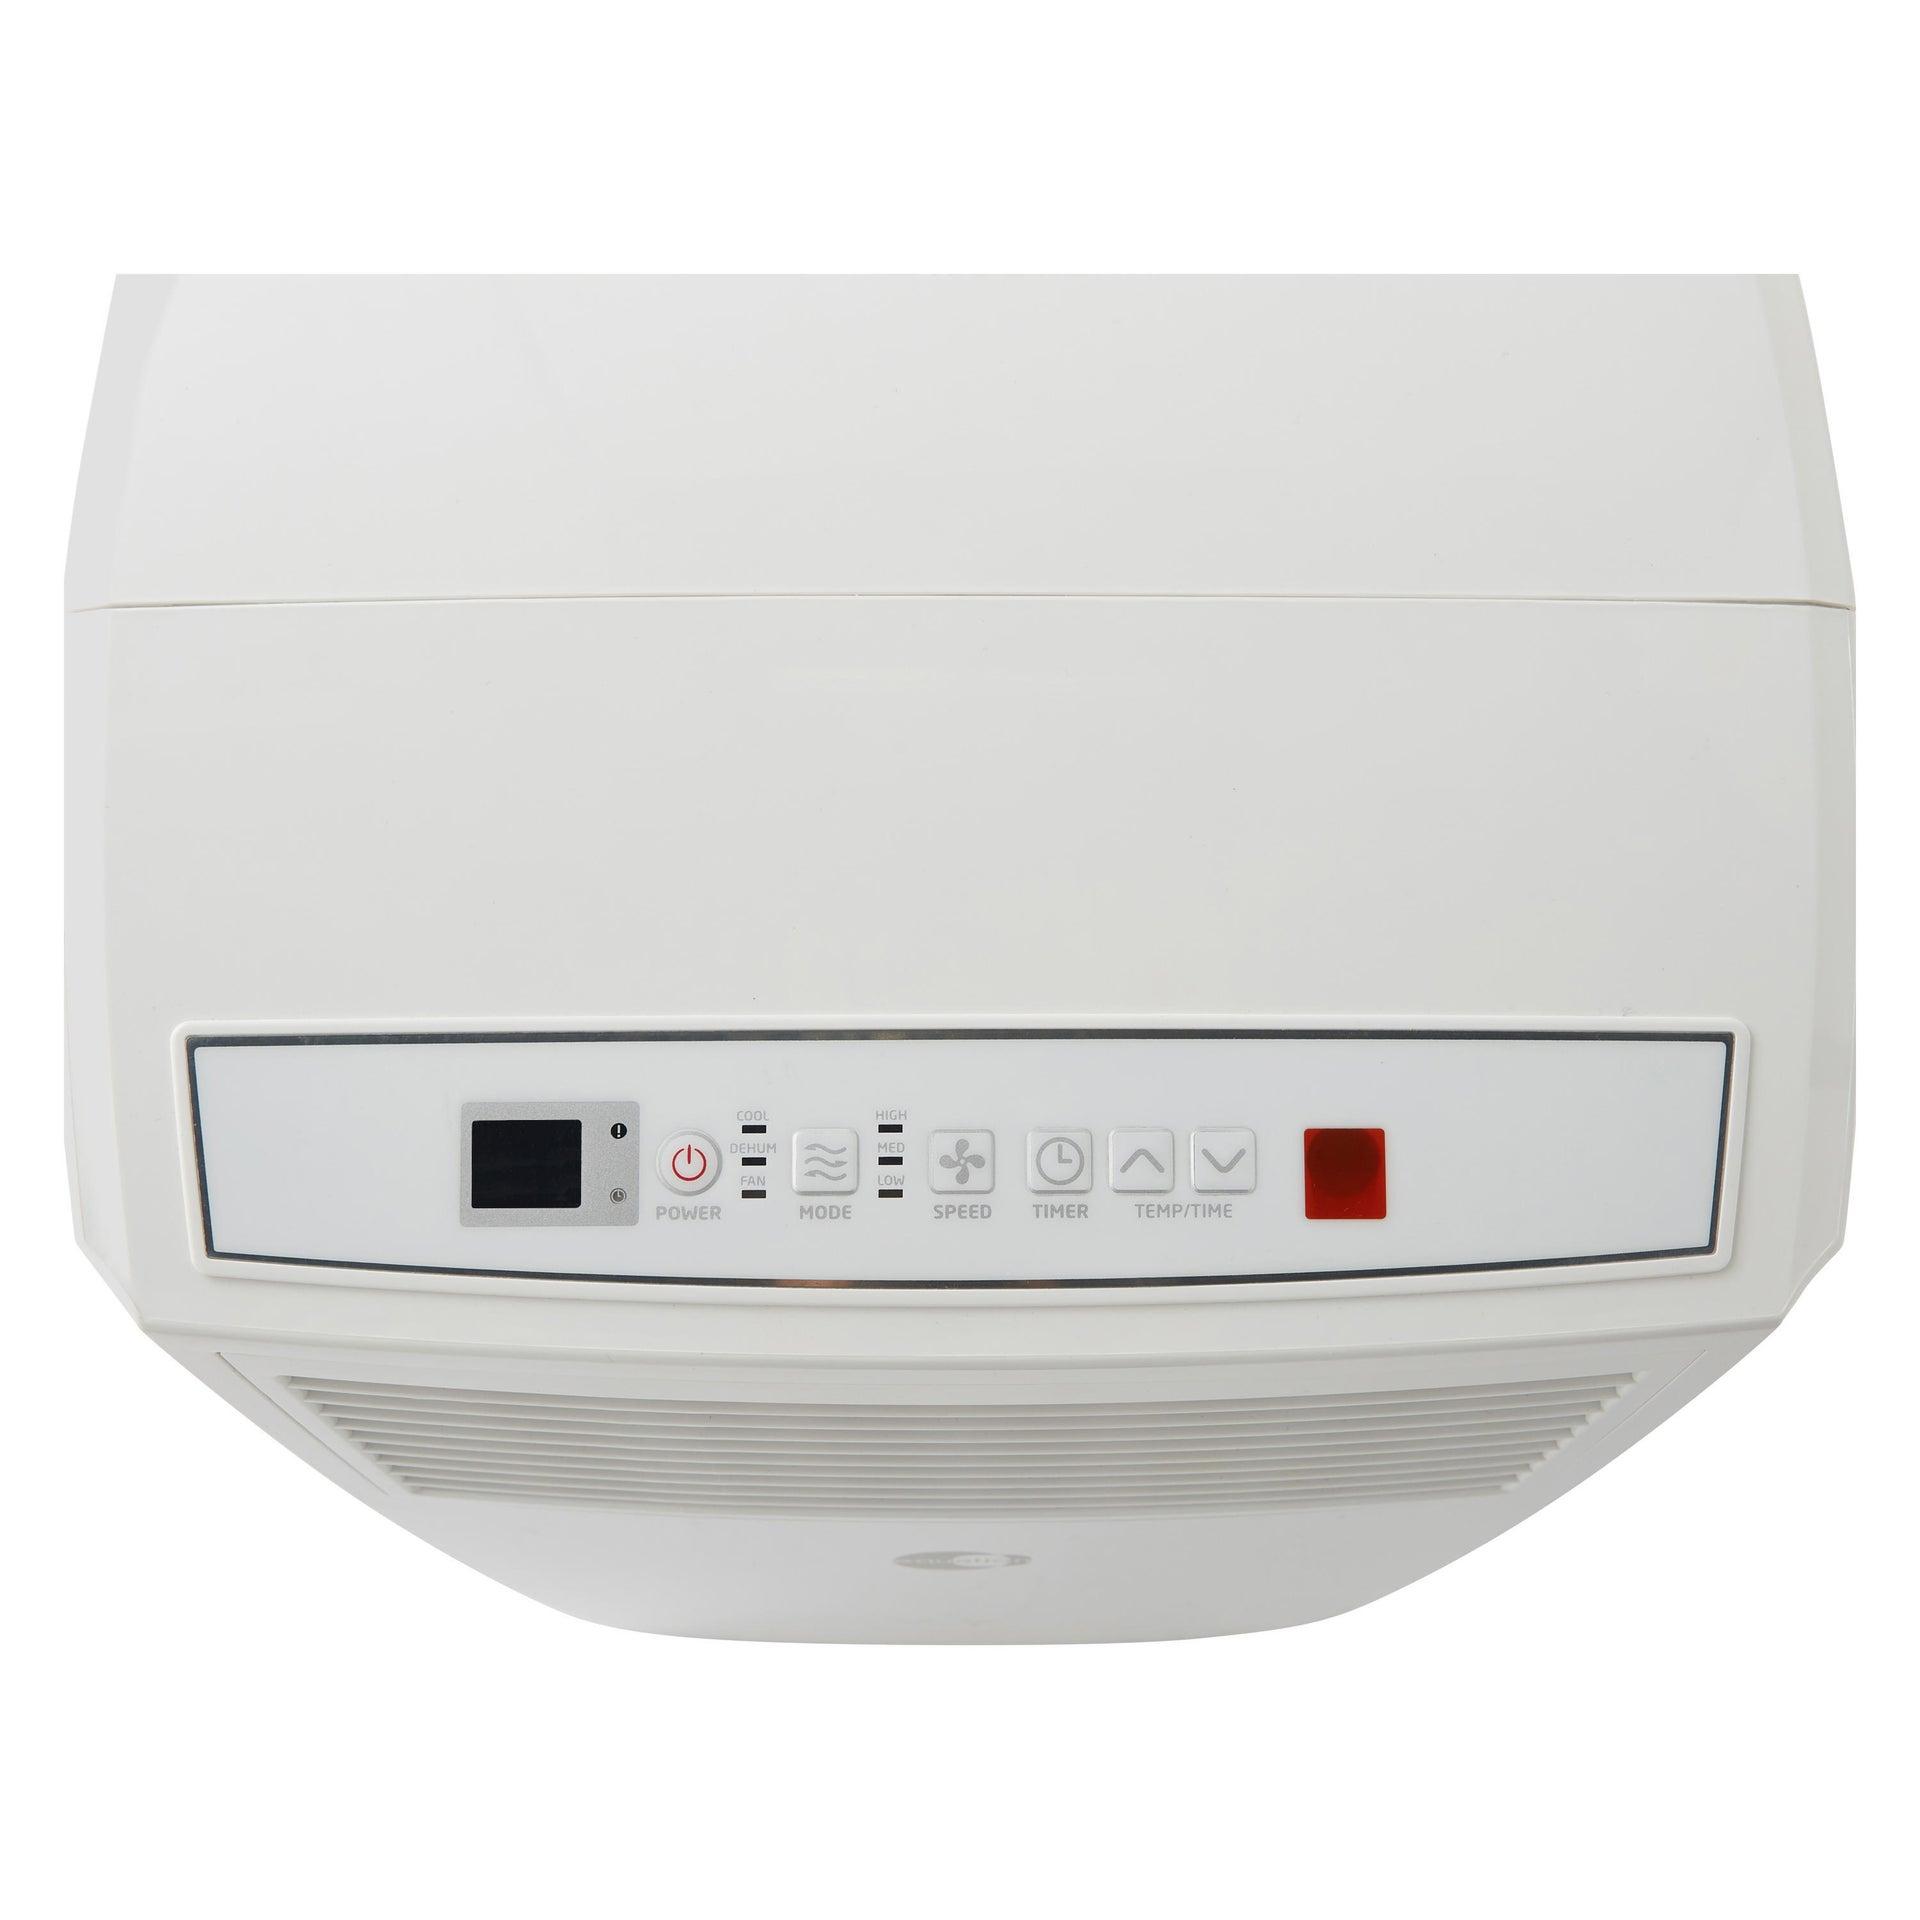 Condizionatore portatile EQUATION Basic 7000 BTU - 5